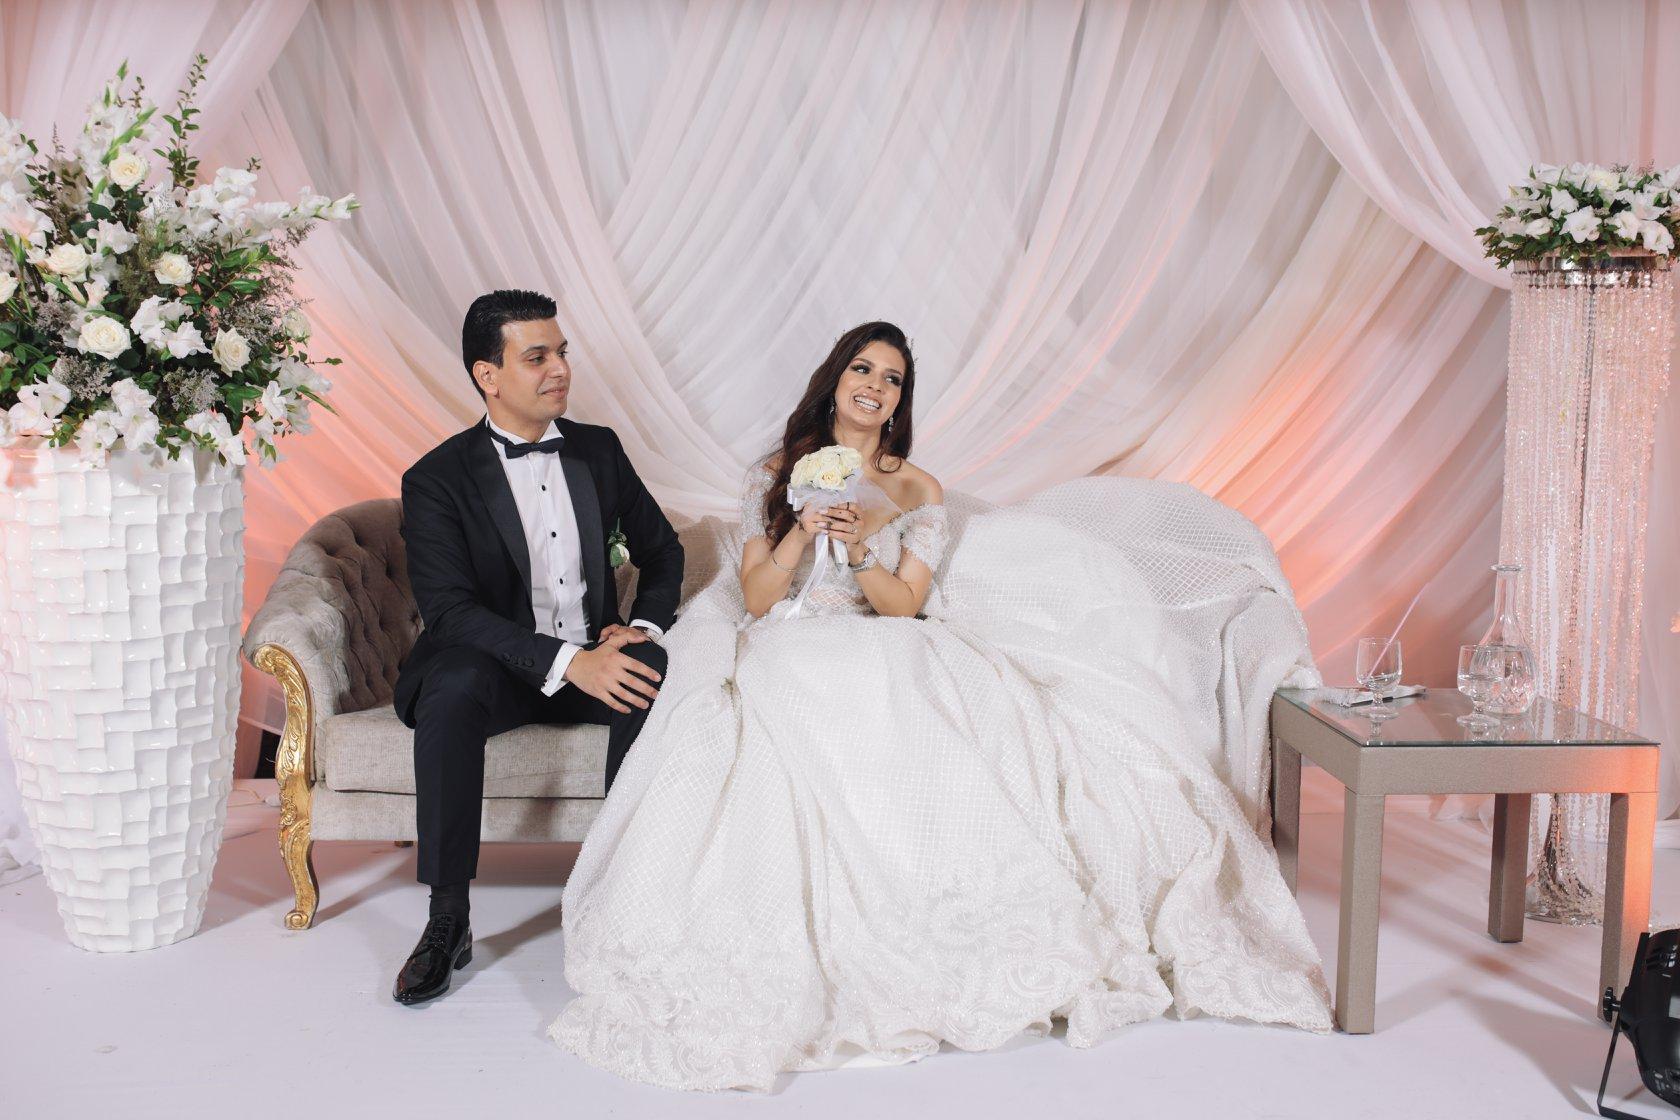 syrine28_plus_belles_mariées_tunisiennes_187_2019